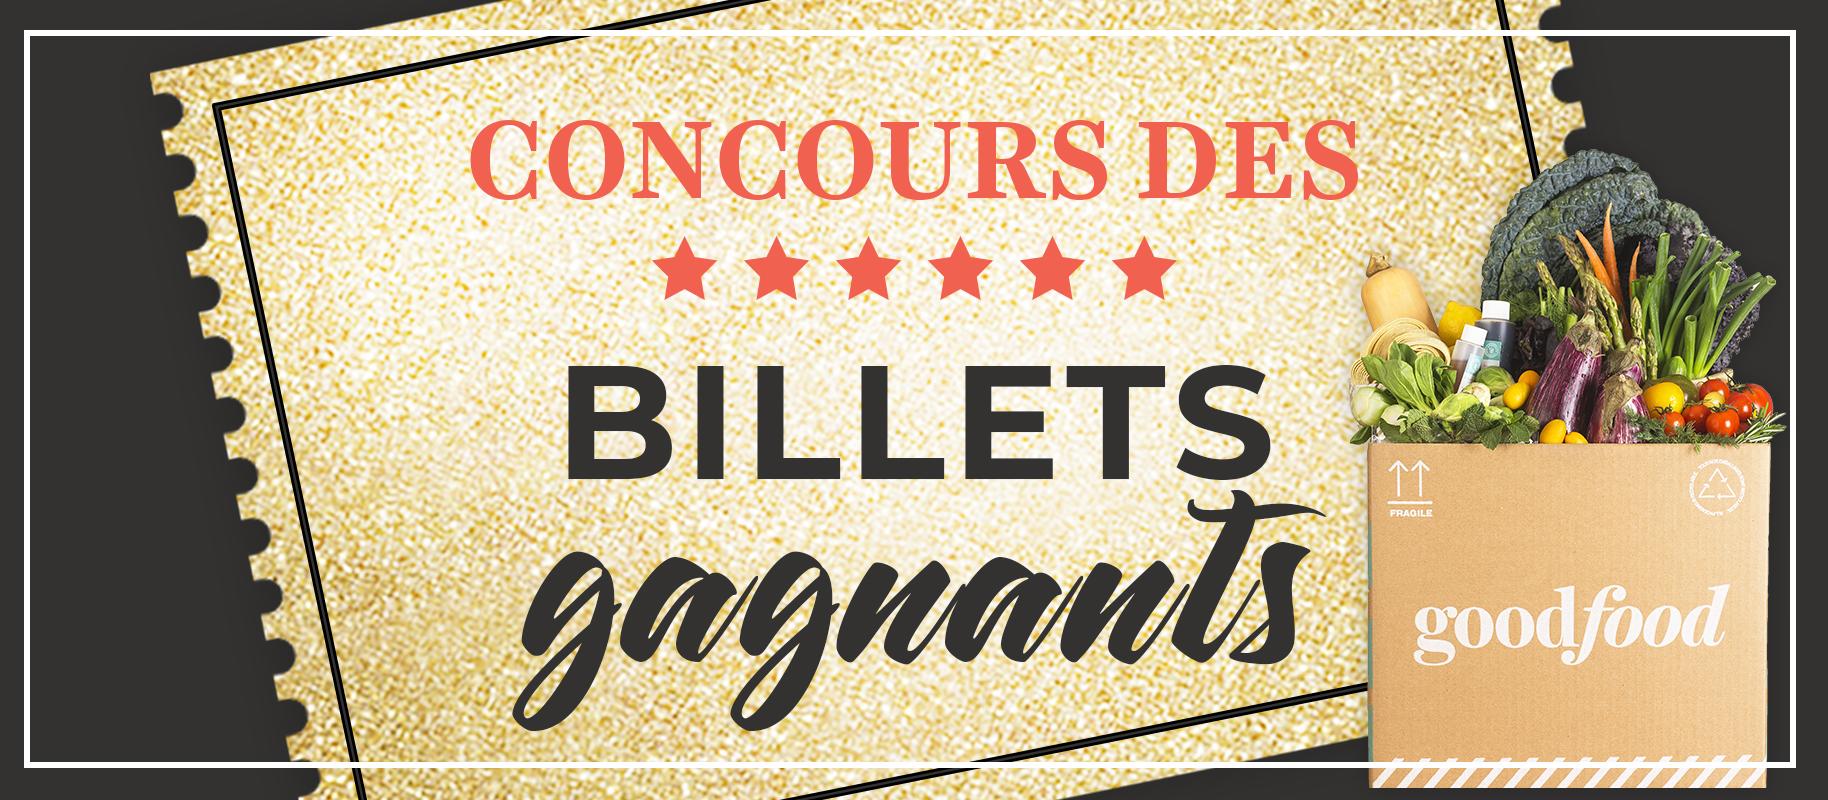 NOTRE CONCOURS DES BILLETS GAGNANTS EST OFFICIELLEMENT EN COURS